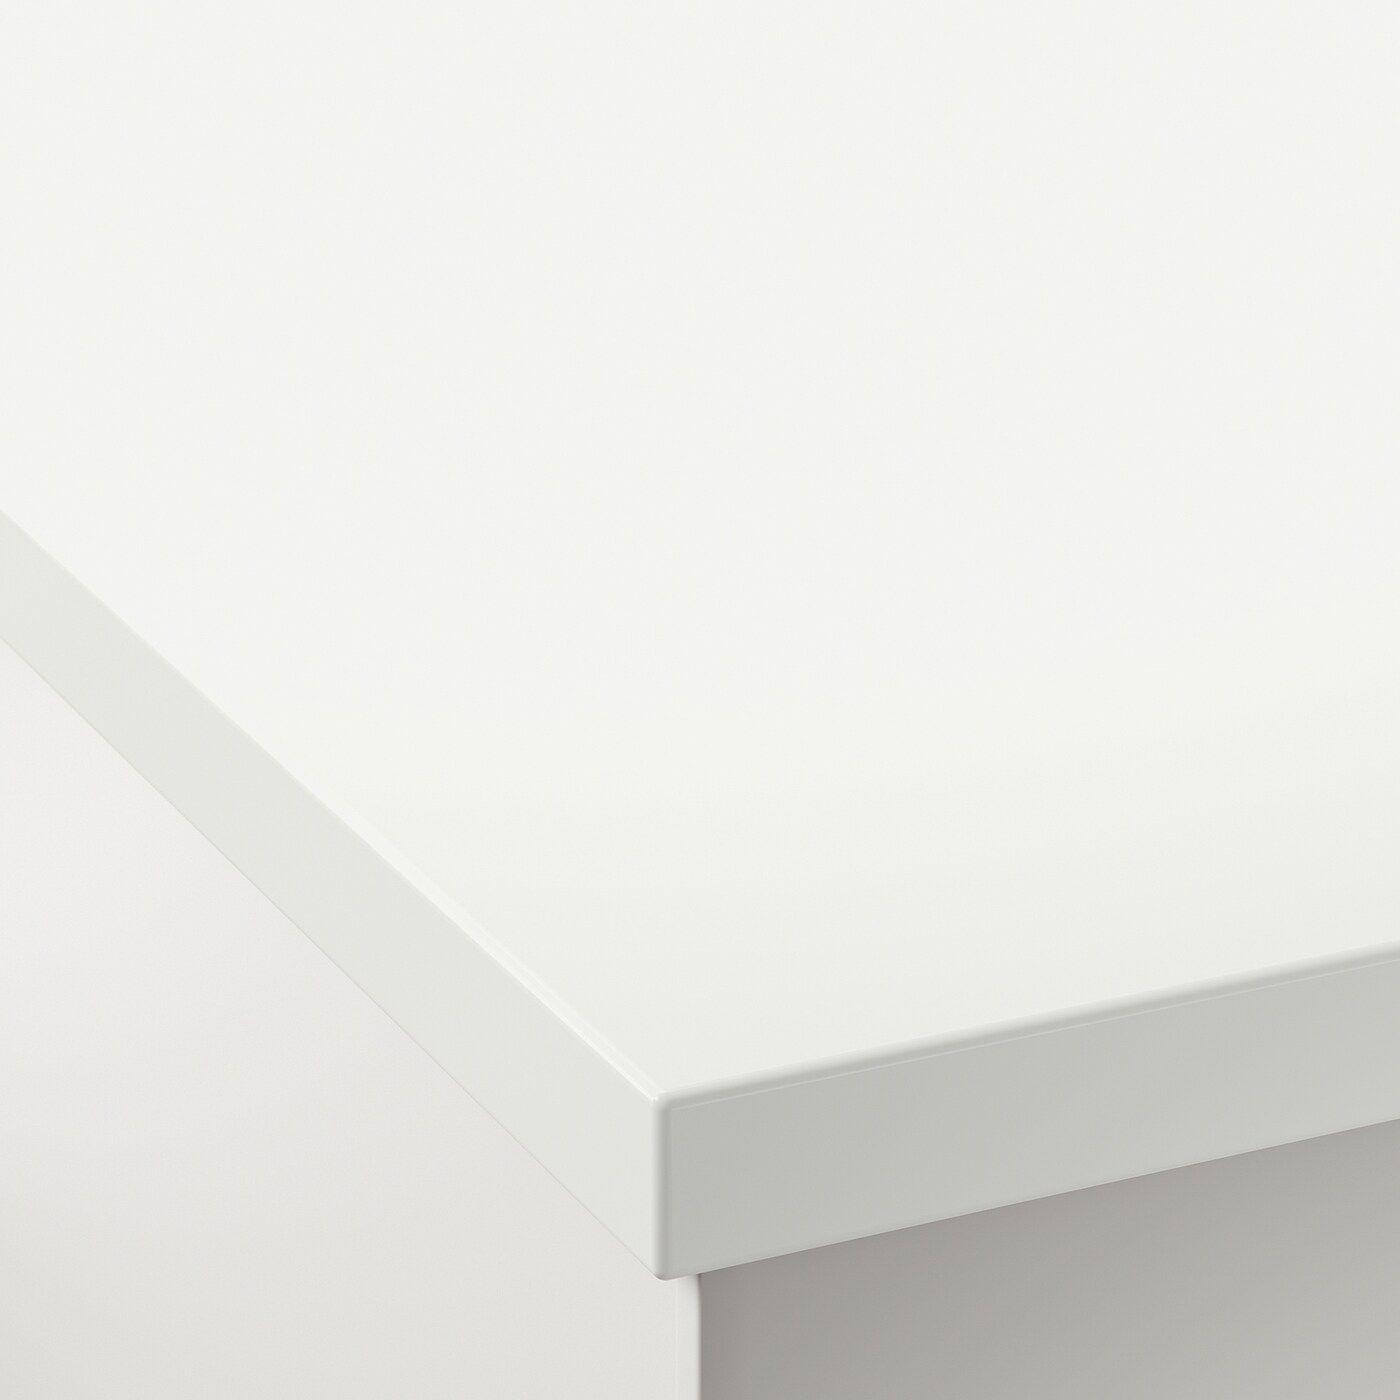 Fornby Massarbeitsplatte Weiss Acryl In 2020 Ikea Laminat Und Einbauspule